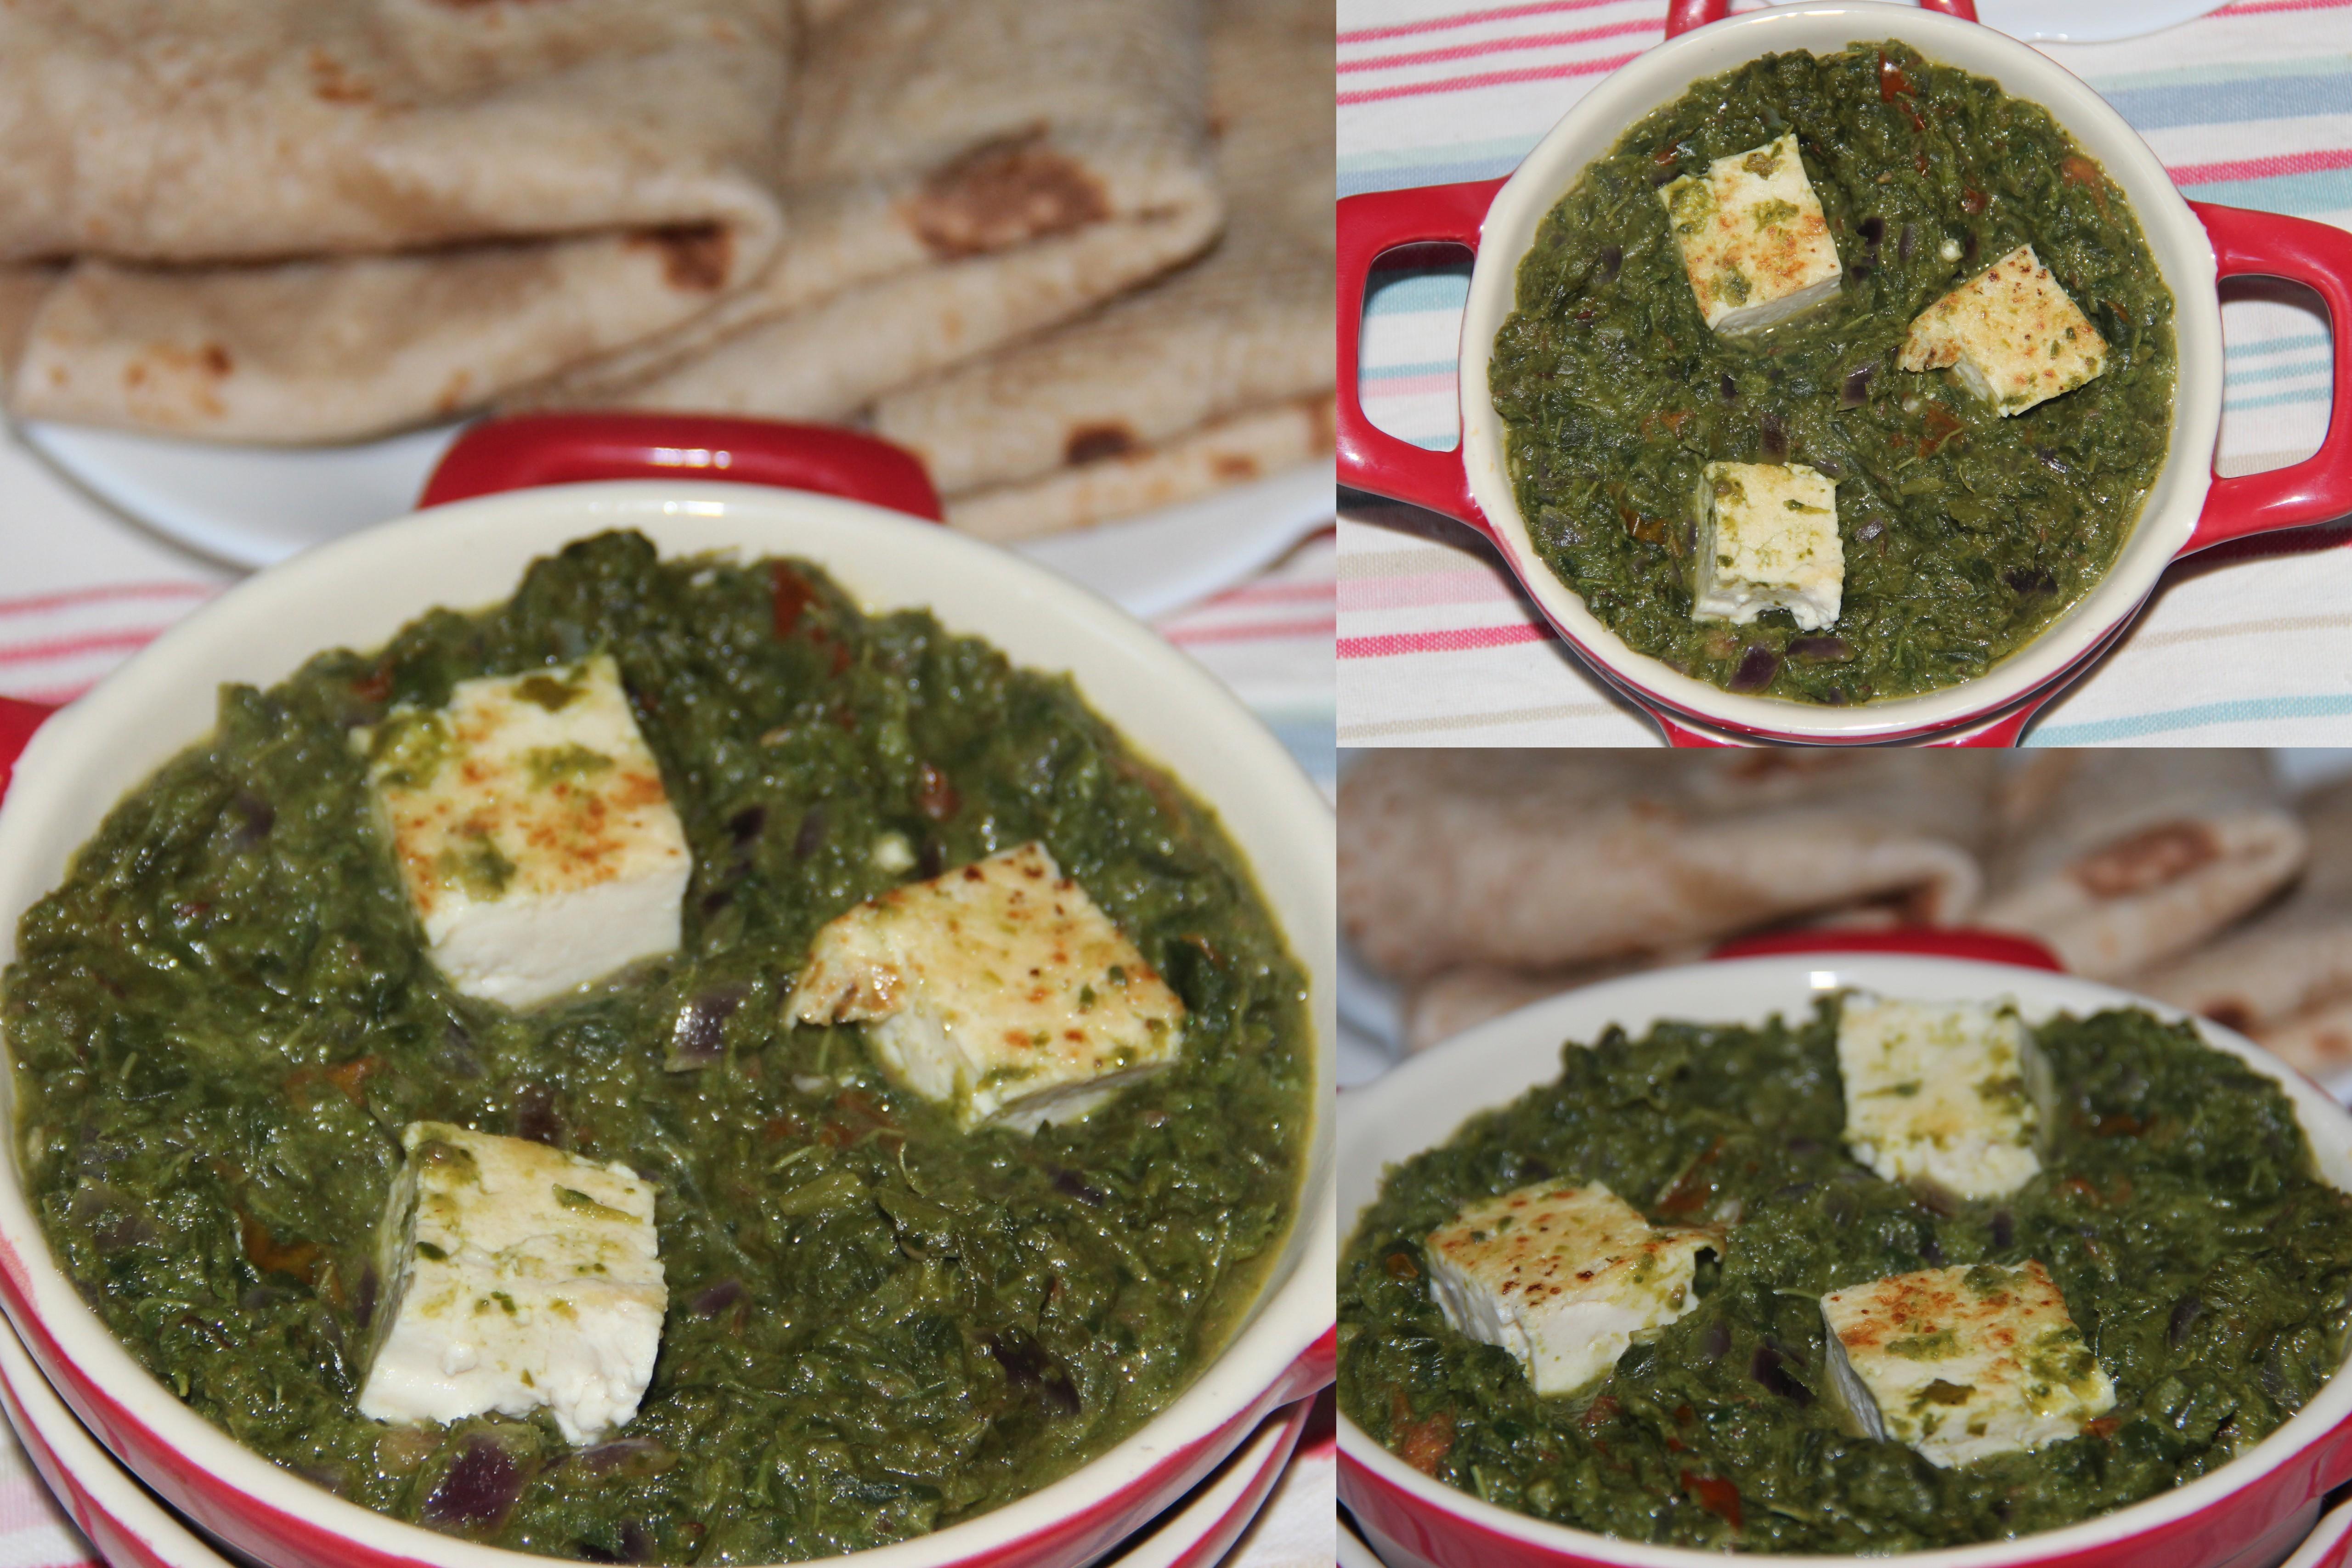 tofu mapo tofu sesame tofu easy bbq tofu tofu tostadas saag tofu ...